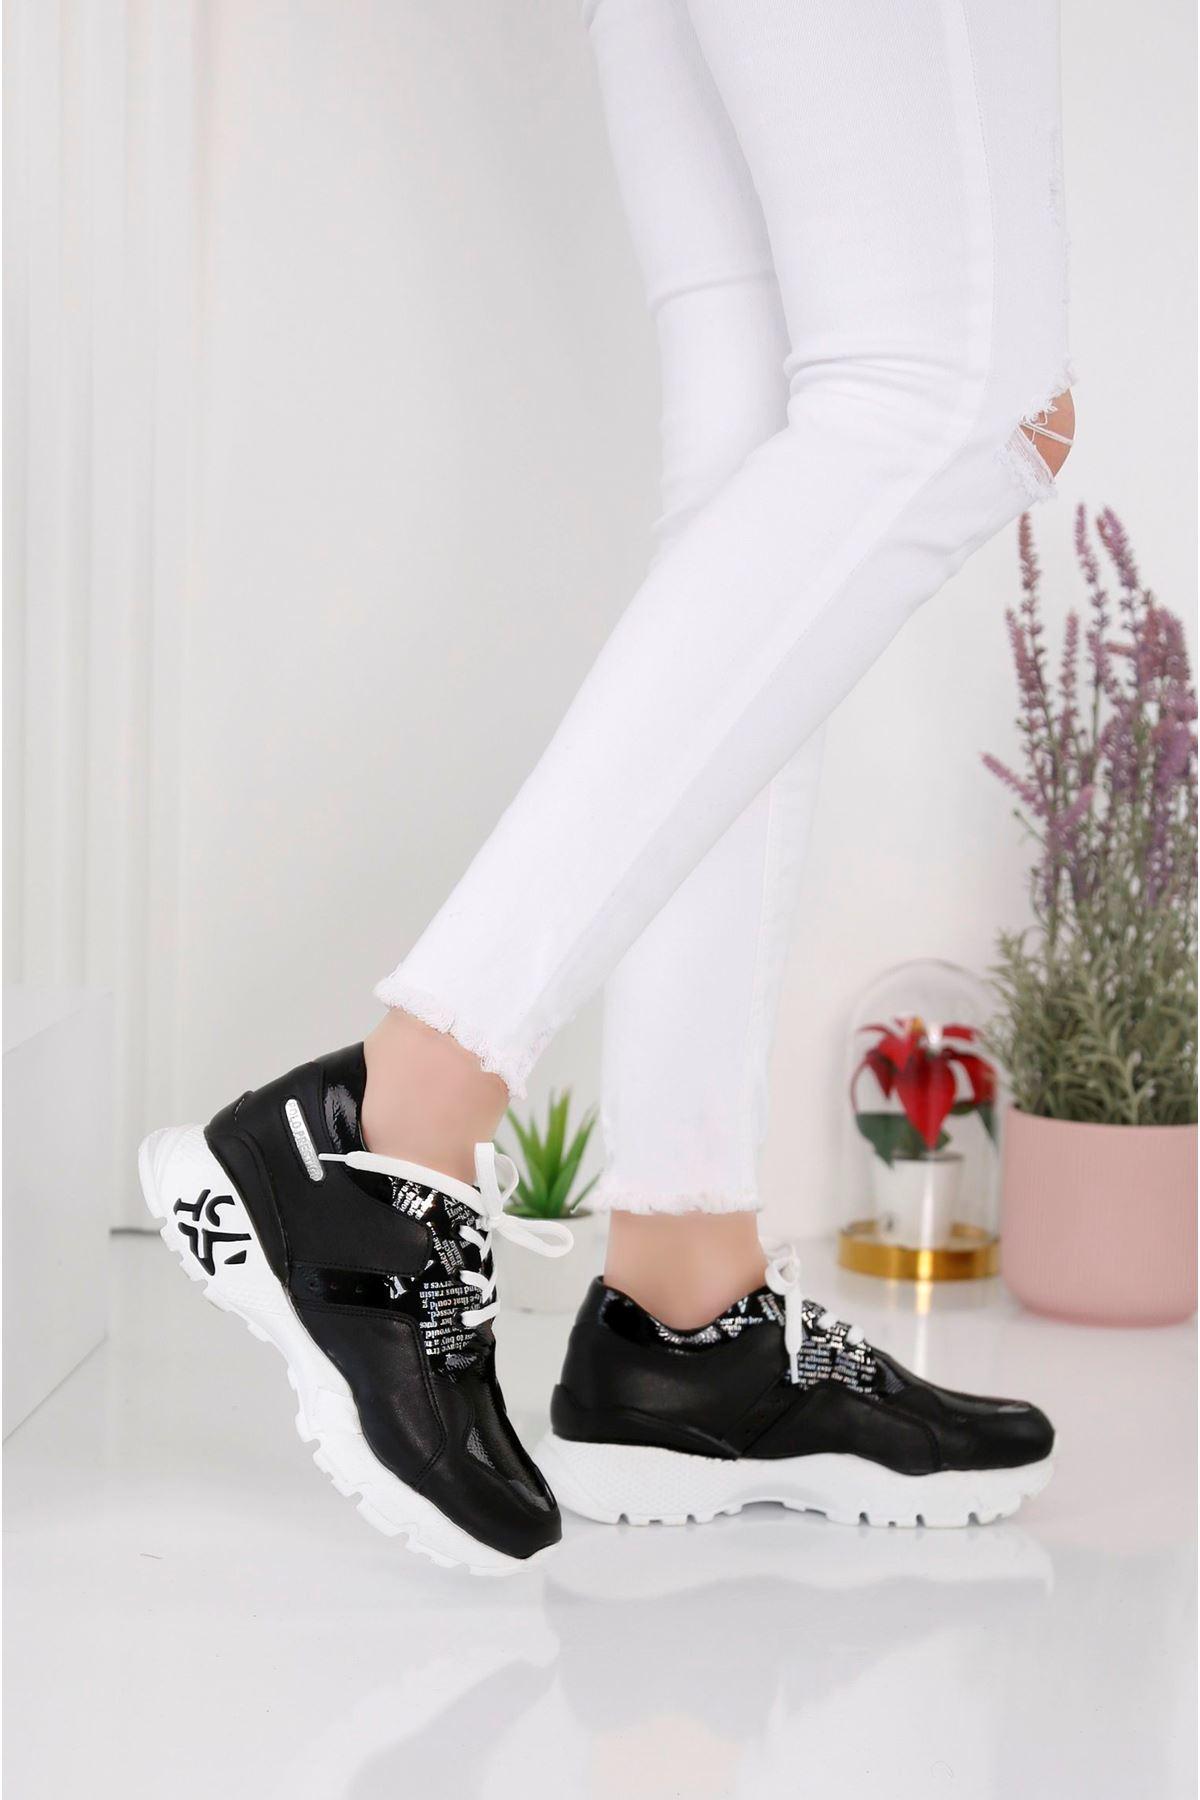 Deny 3808 - Kadın Siyah  Spor Ayakkabı